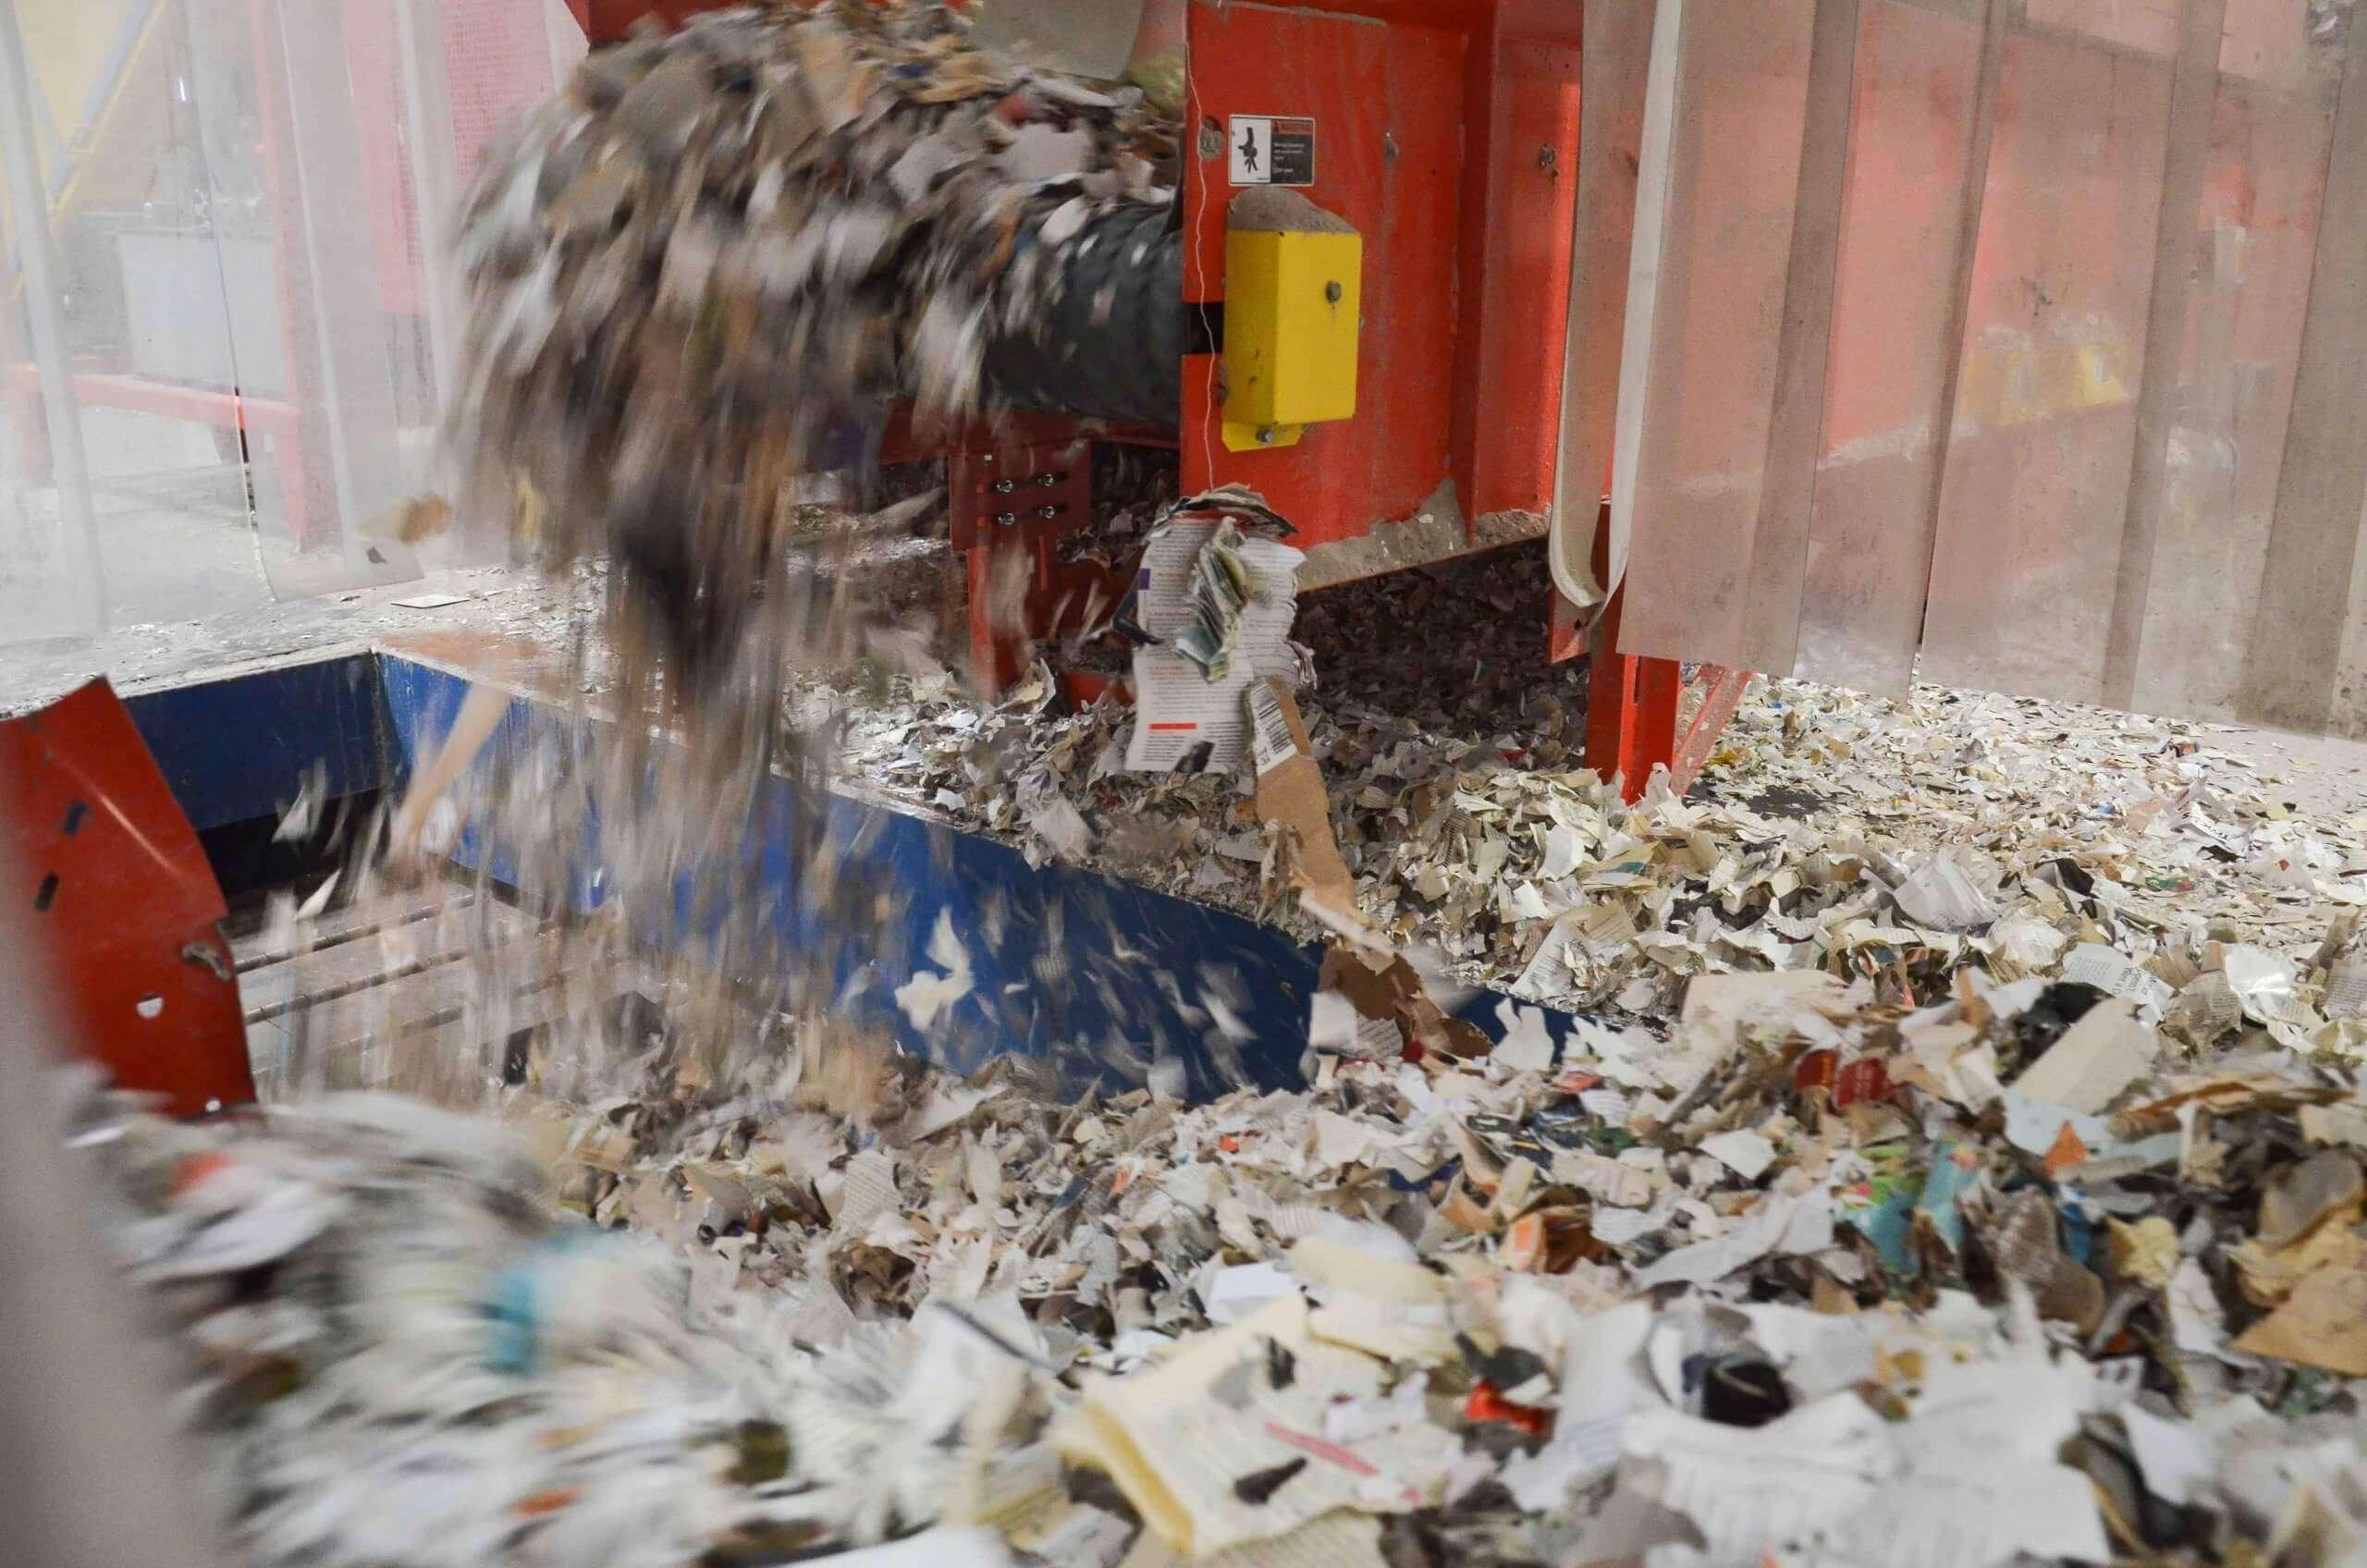 Geshredderte Zeitungen fallen aus der Maschine auf das Förderband.